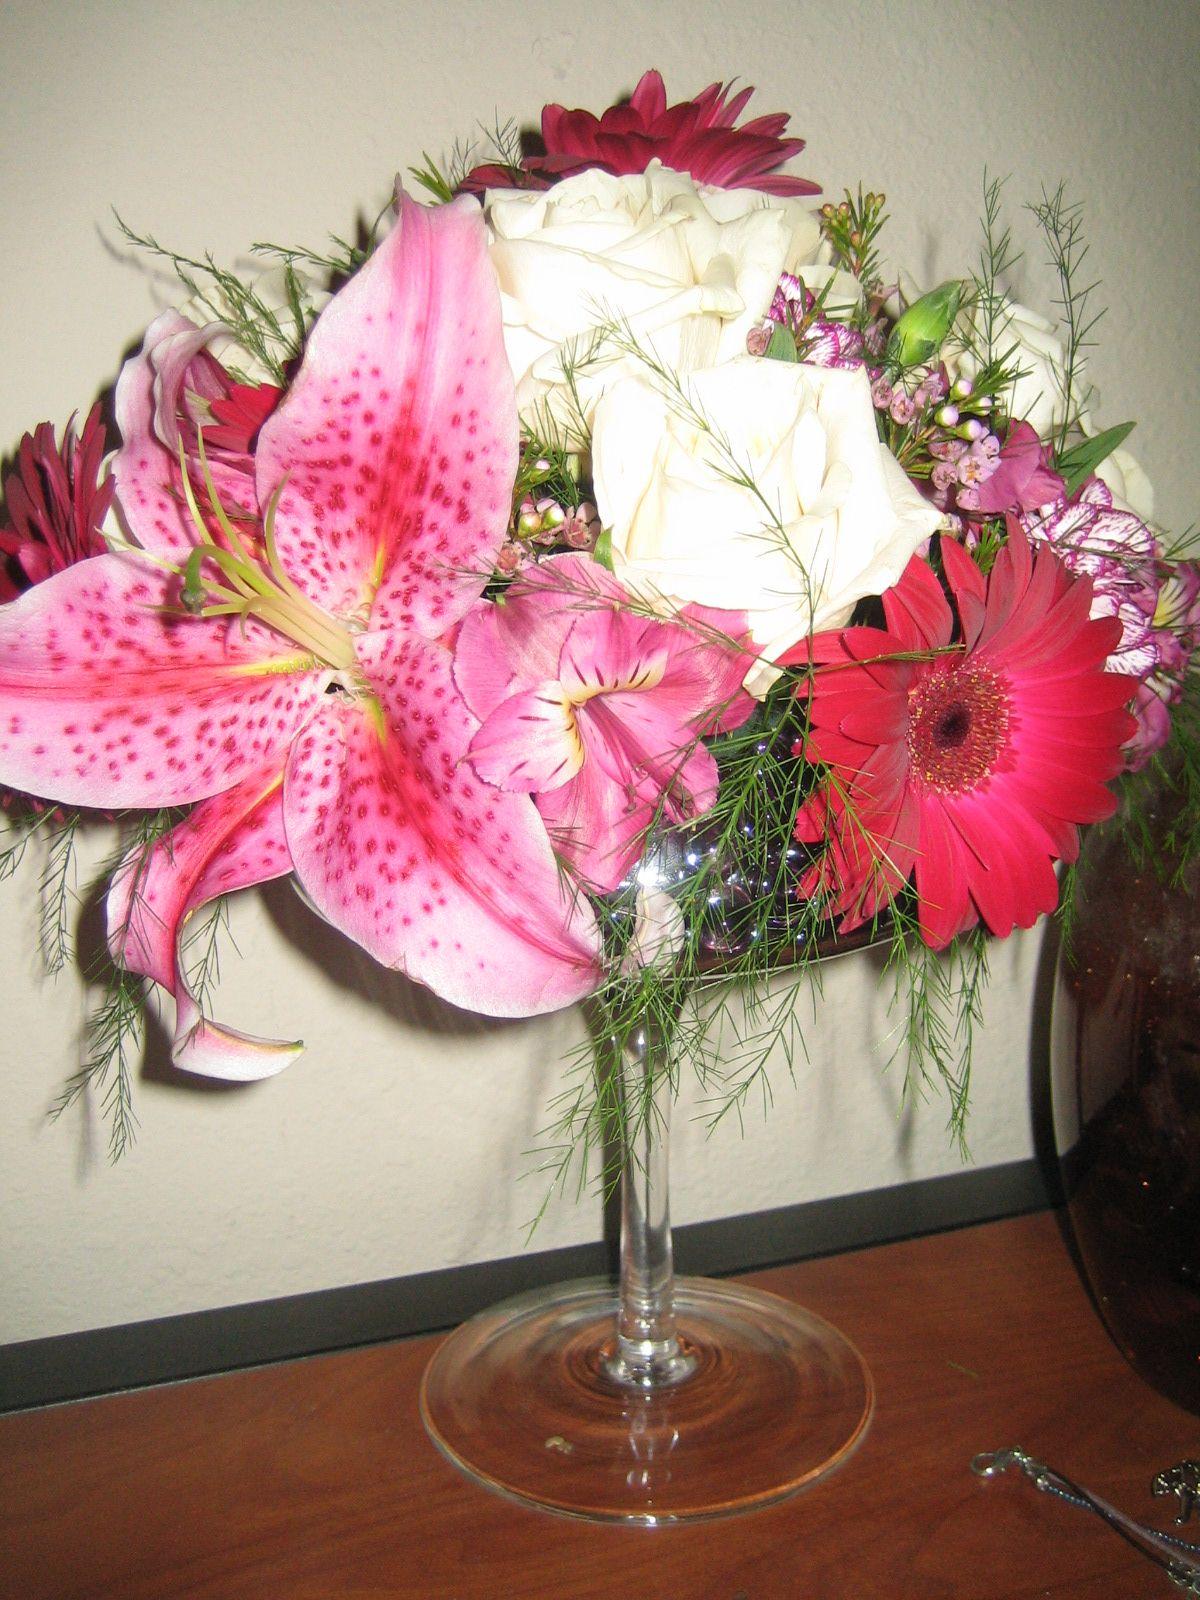 BEAUTIFUL - wine glass flower bouquet :) | BOUQUET - IN GLASS & VASE ...